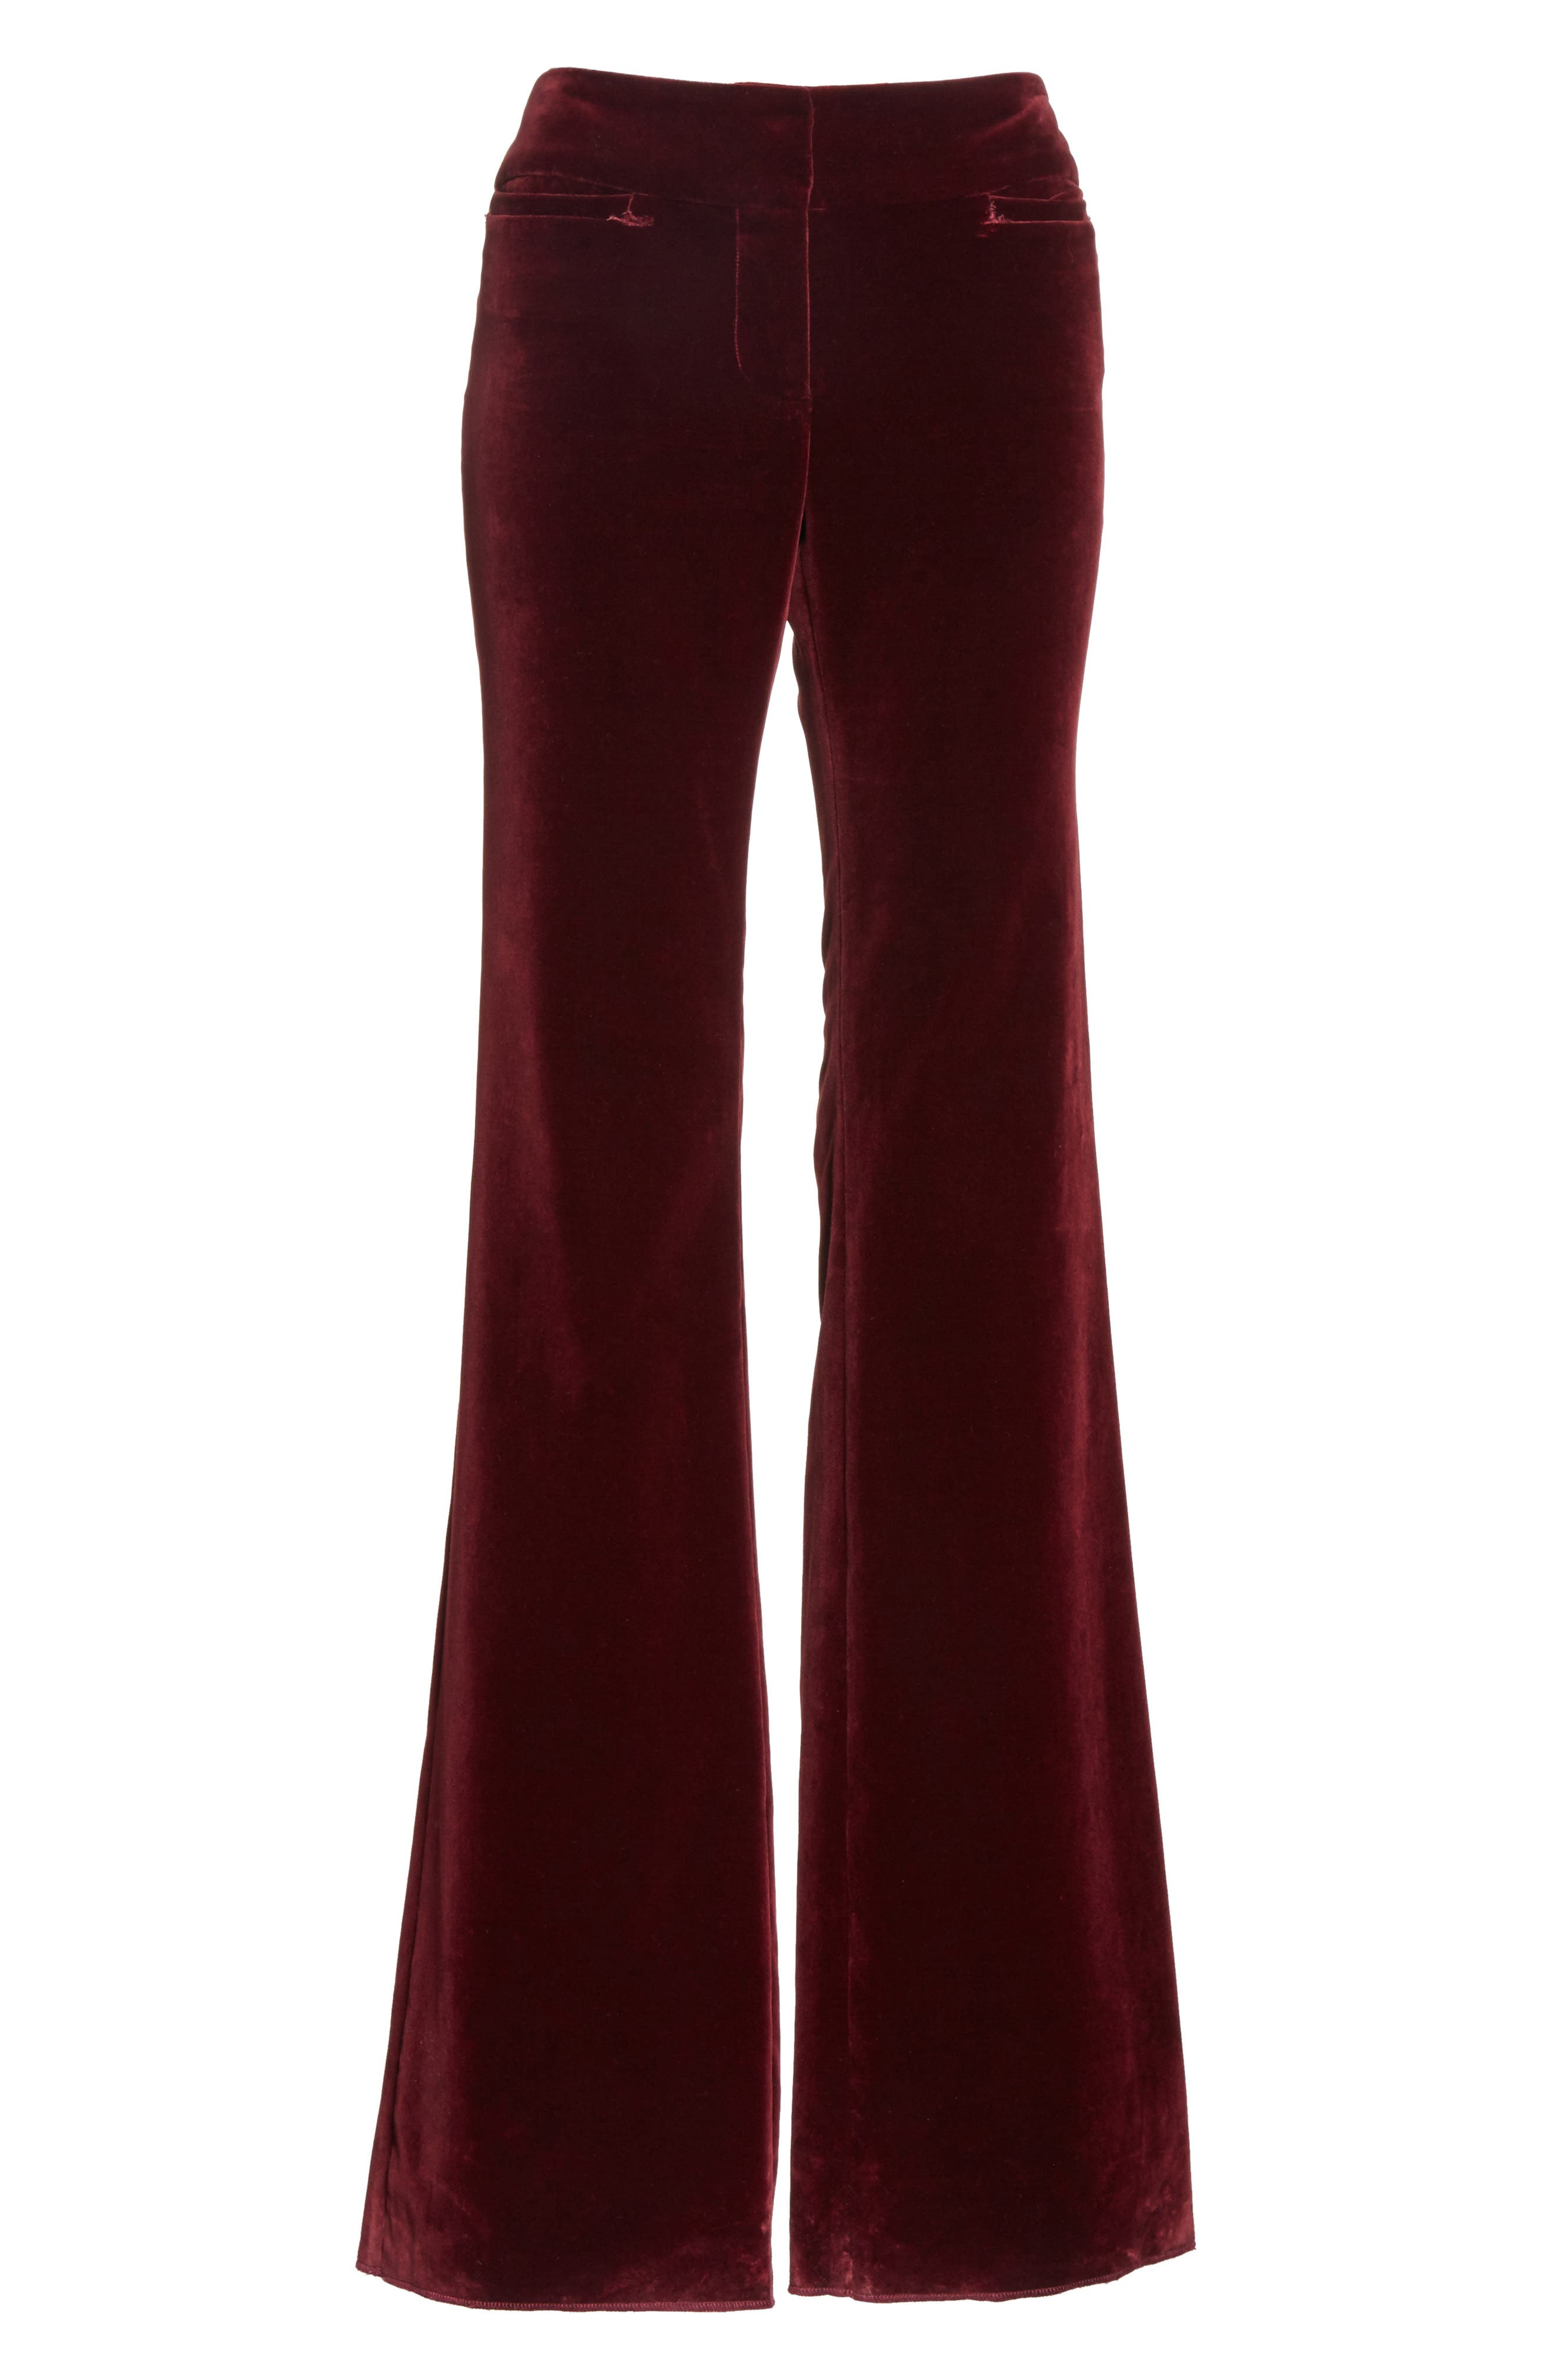 Amoire Velvet Flare Pants,                             Alternate thumbnail 6, color,                             603